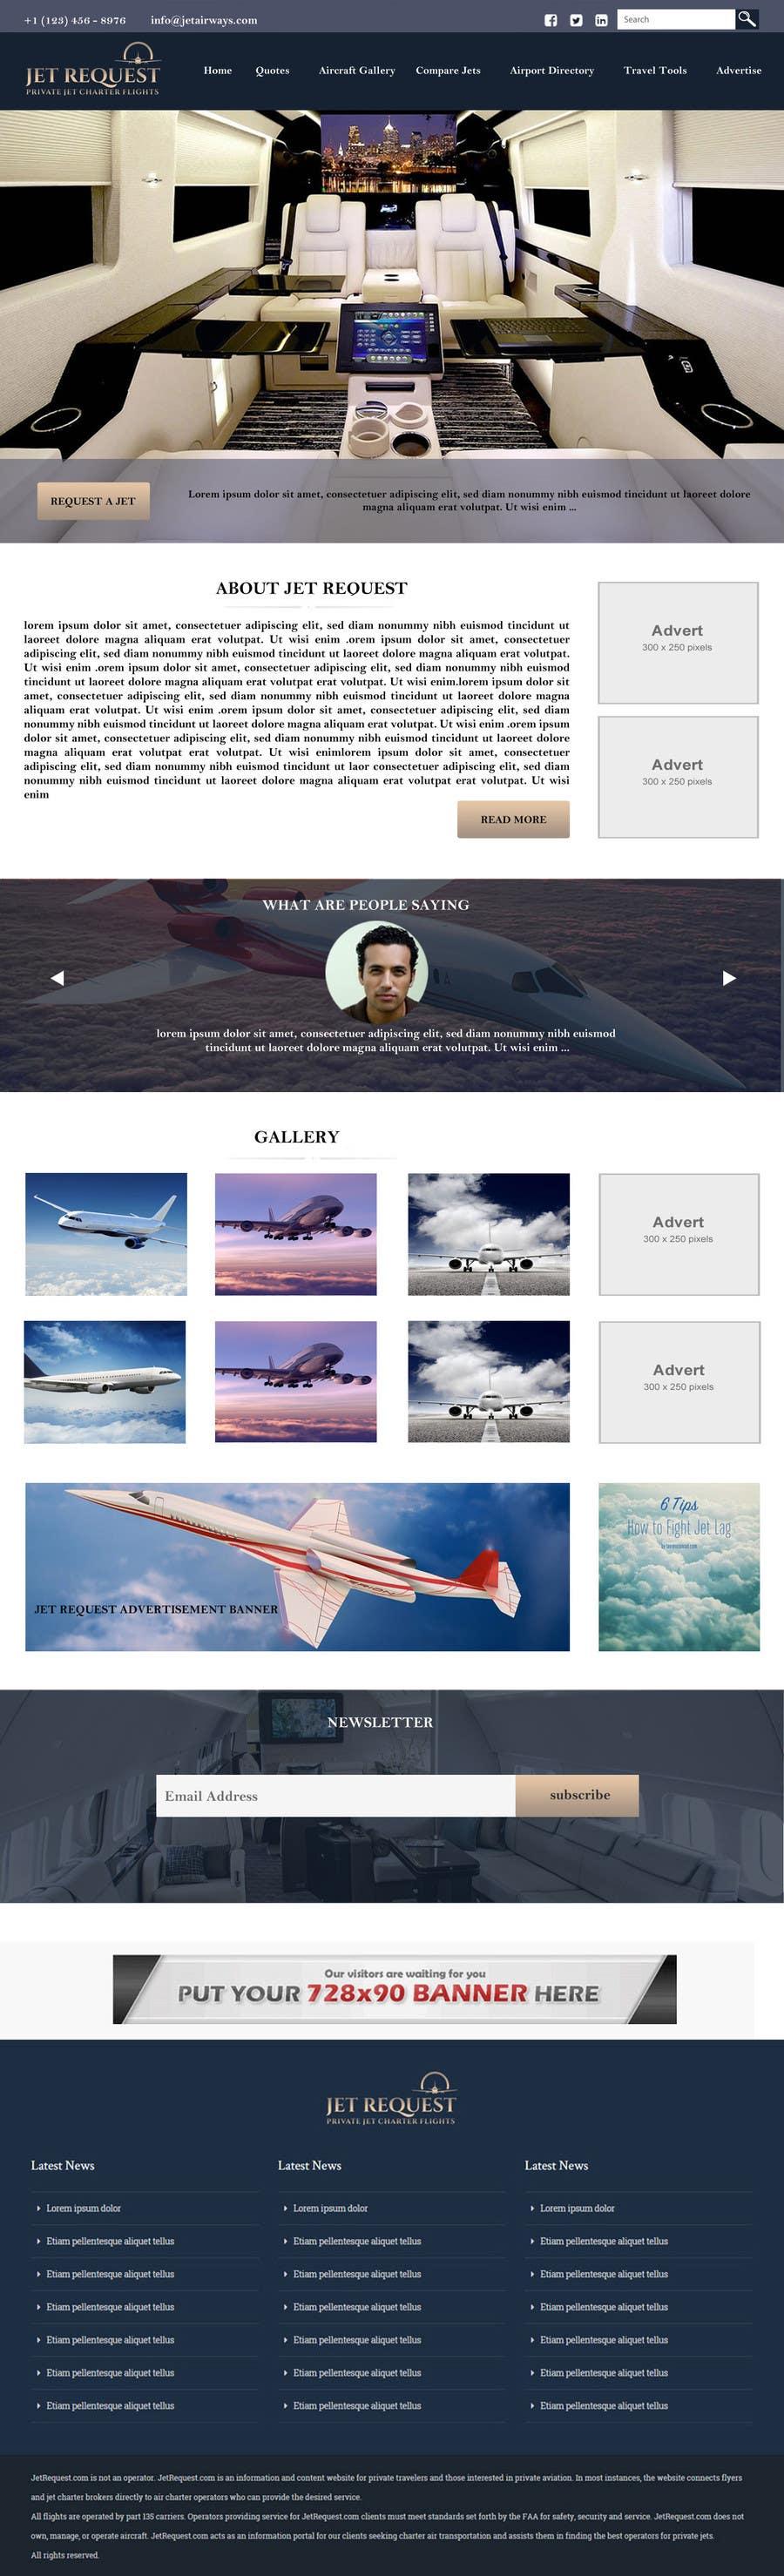 Konkurrenceindlæg #                                        14                                      for                                         Design a Website Mockup for Private Jet company